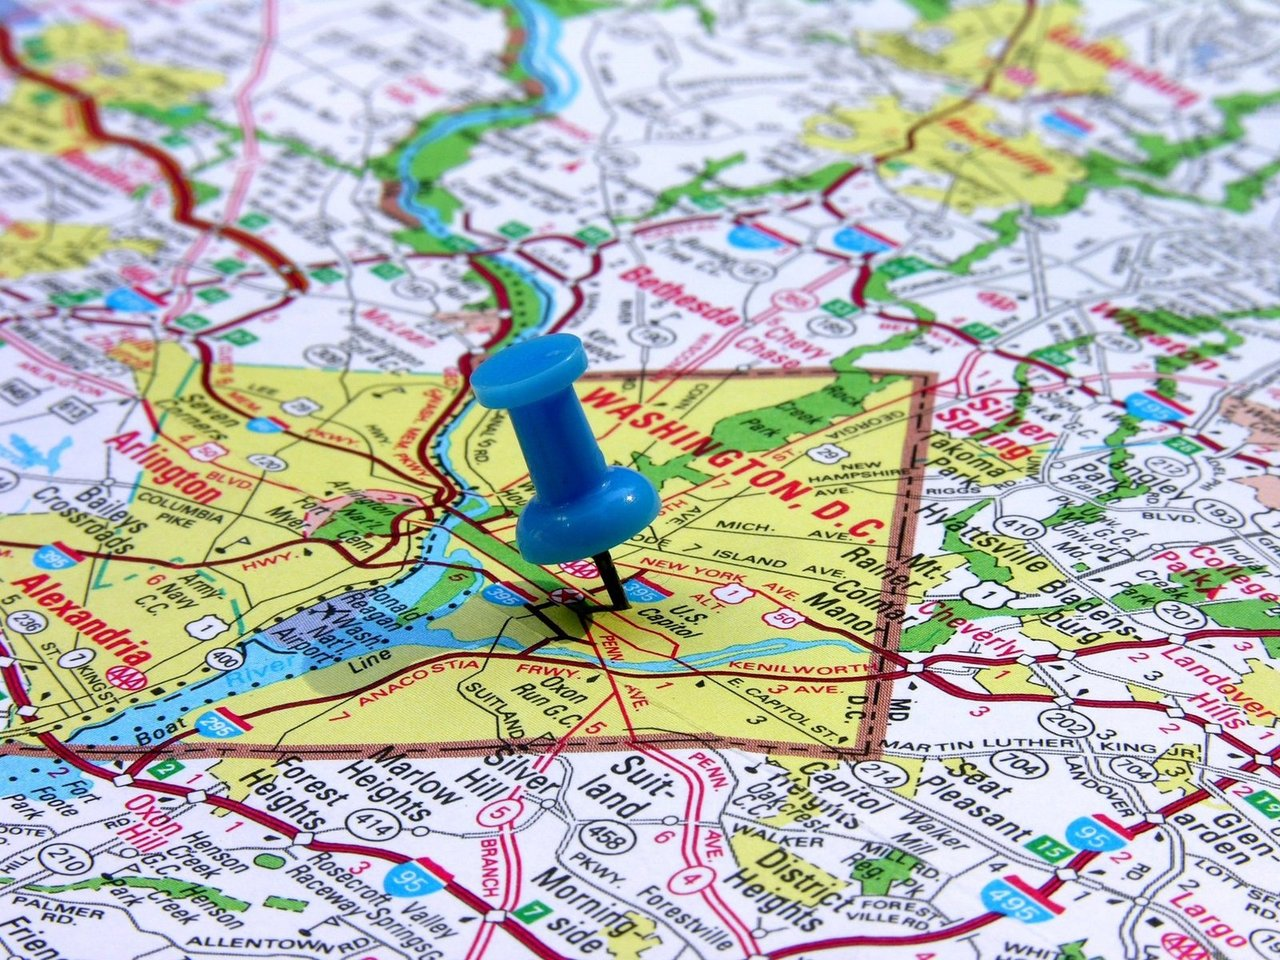 Pilihlah lokasi COD yang strategis, mudah terjangkau, dan dilewati oleh transportasi umum